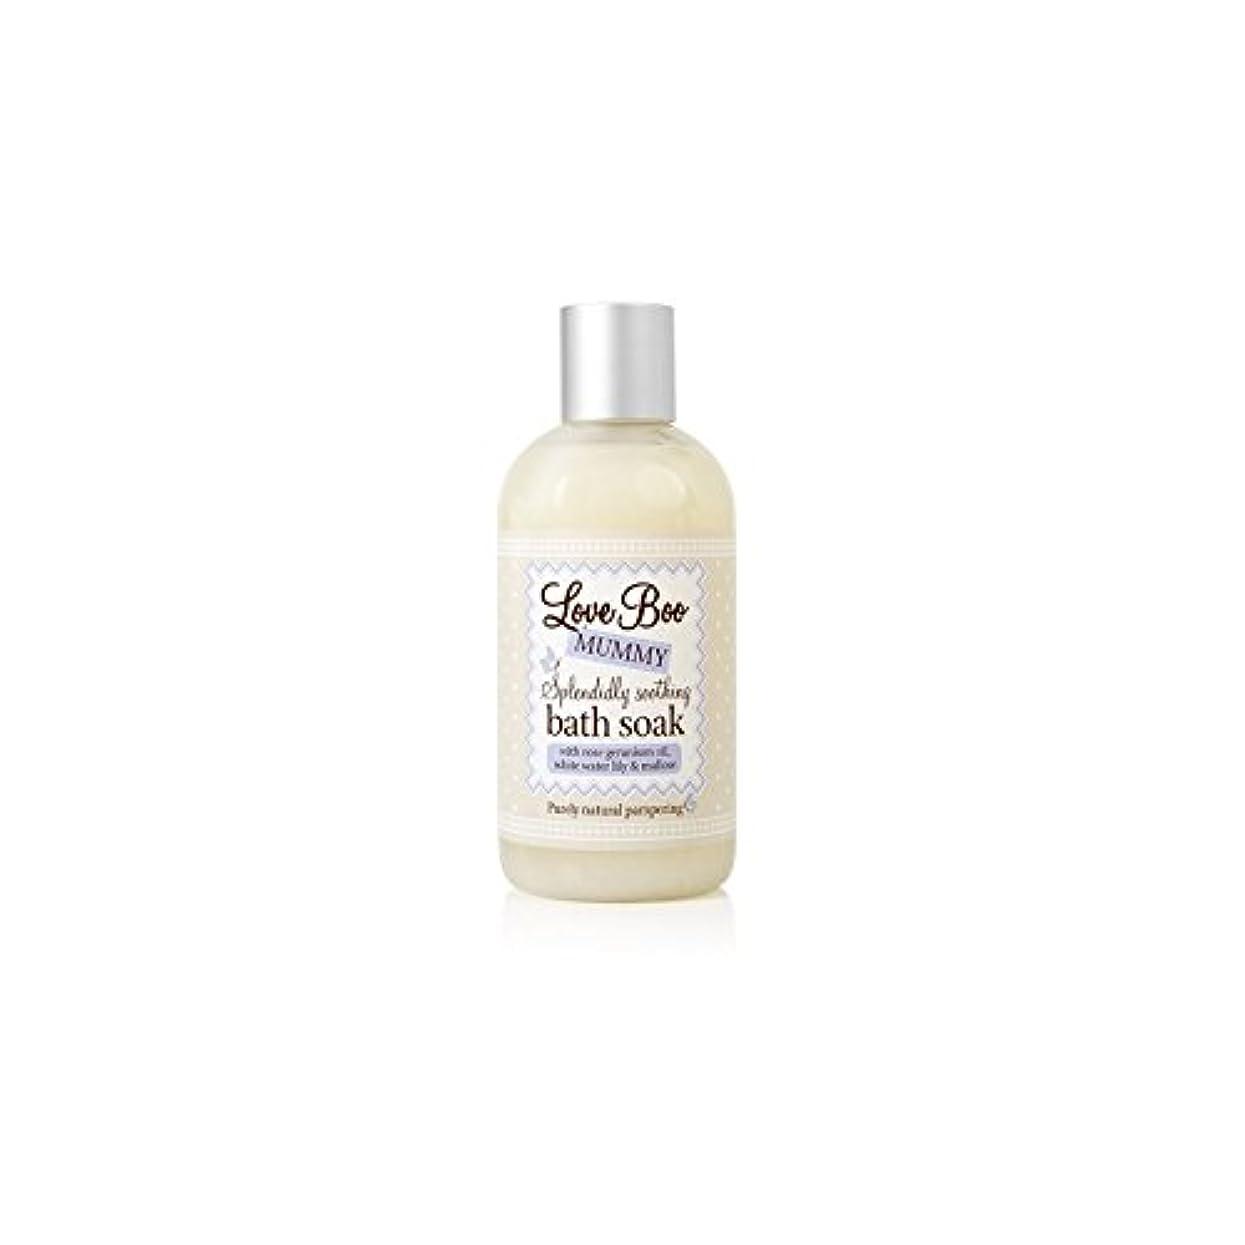 話をする哲学的汚染されたLove Boo Splendidly Soothing Bath Soak (250ml) (Pack of 6) - ブーイング見事なだめるようなお風呂が大好き(250ミリリットル)を浸します x6 [並行輸入品]